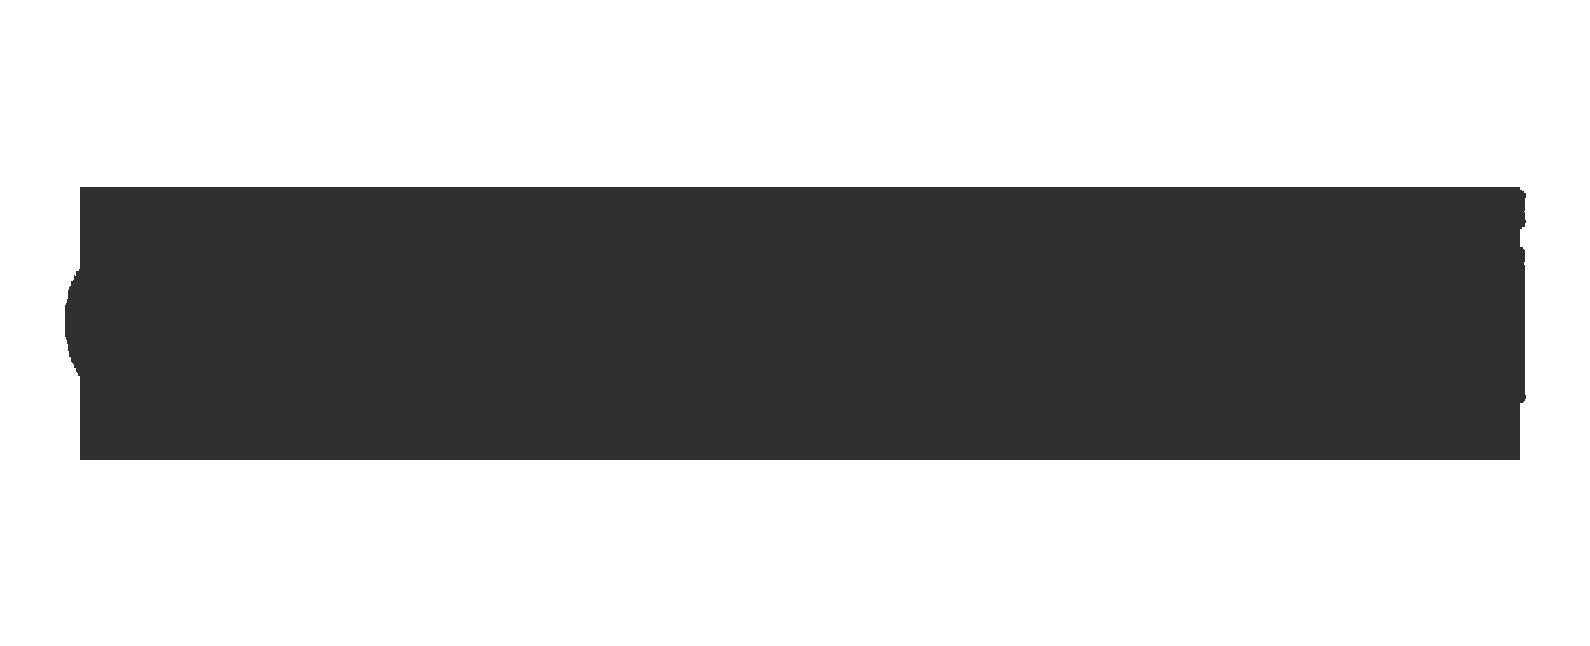 designerati logo black